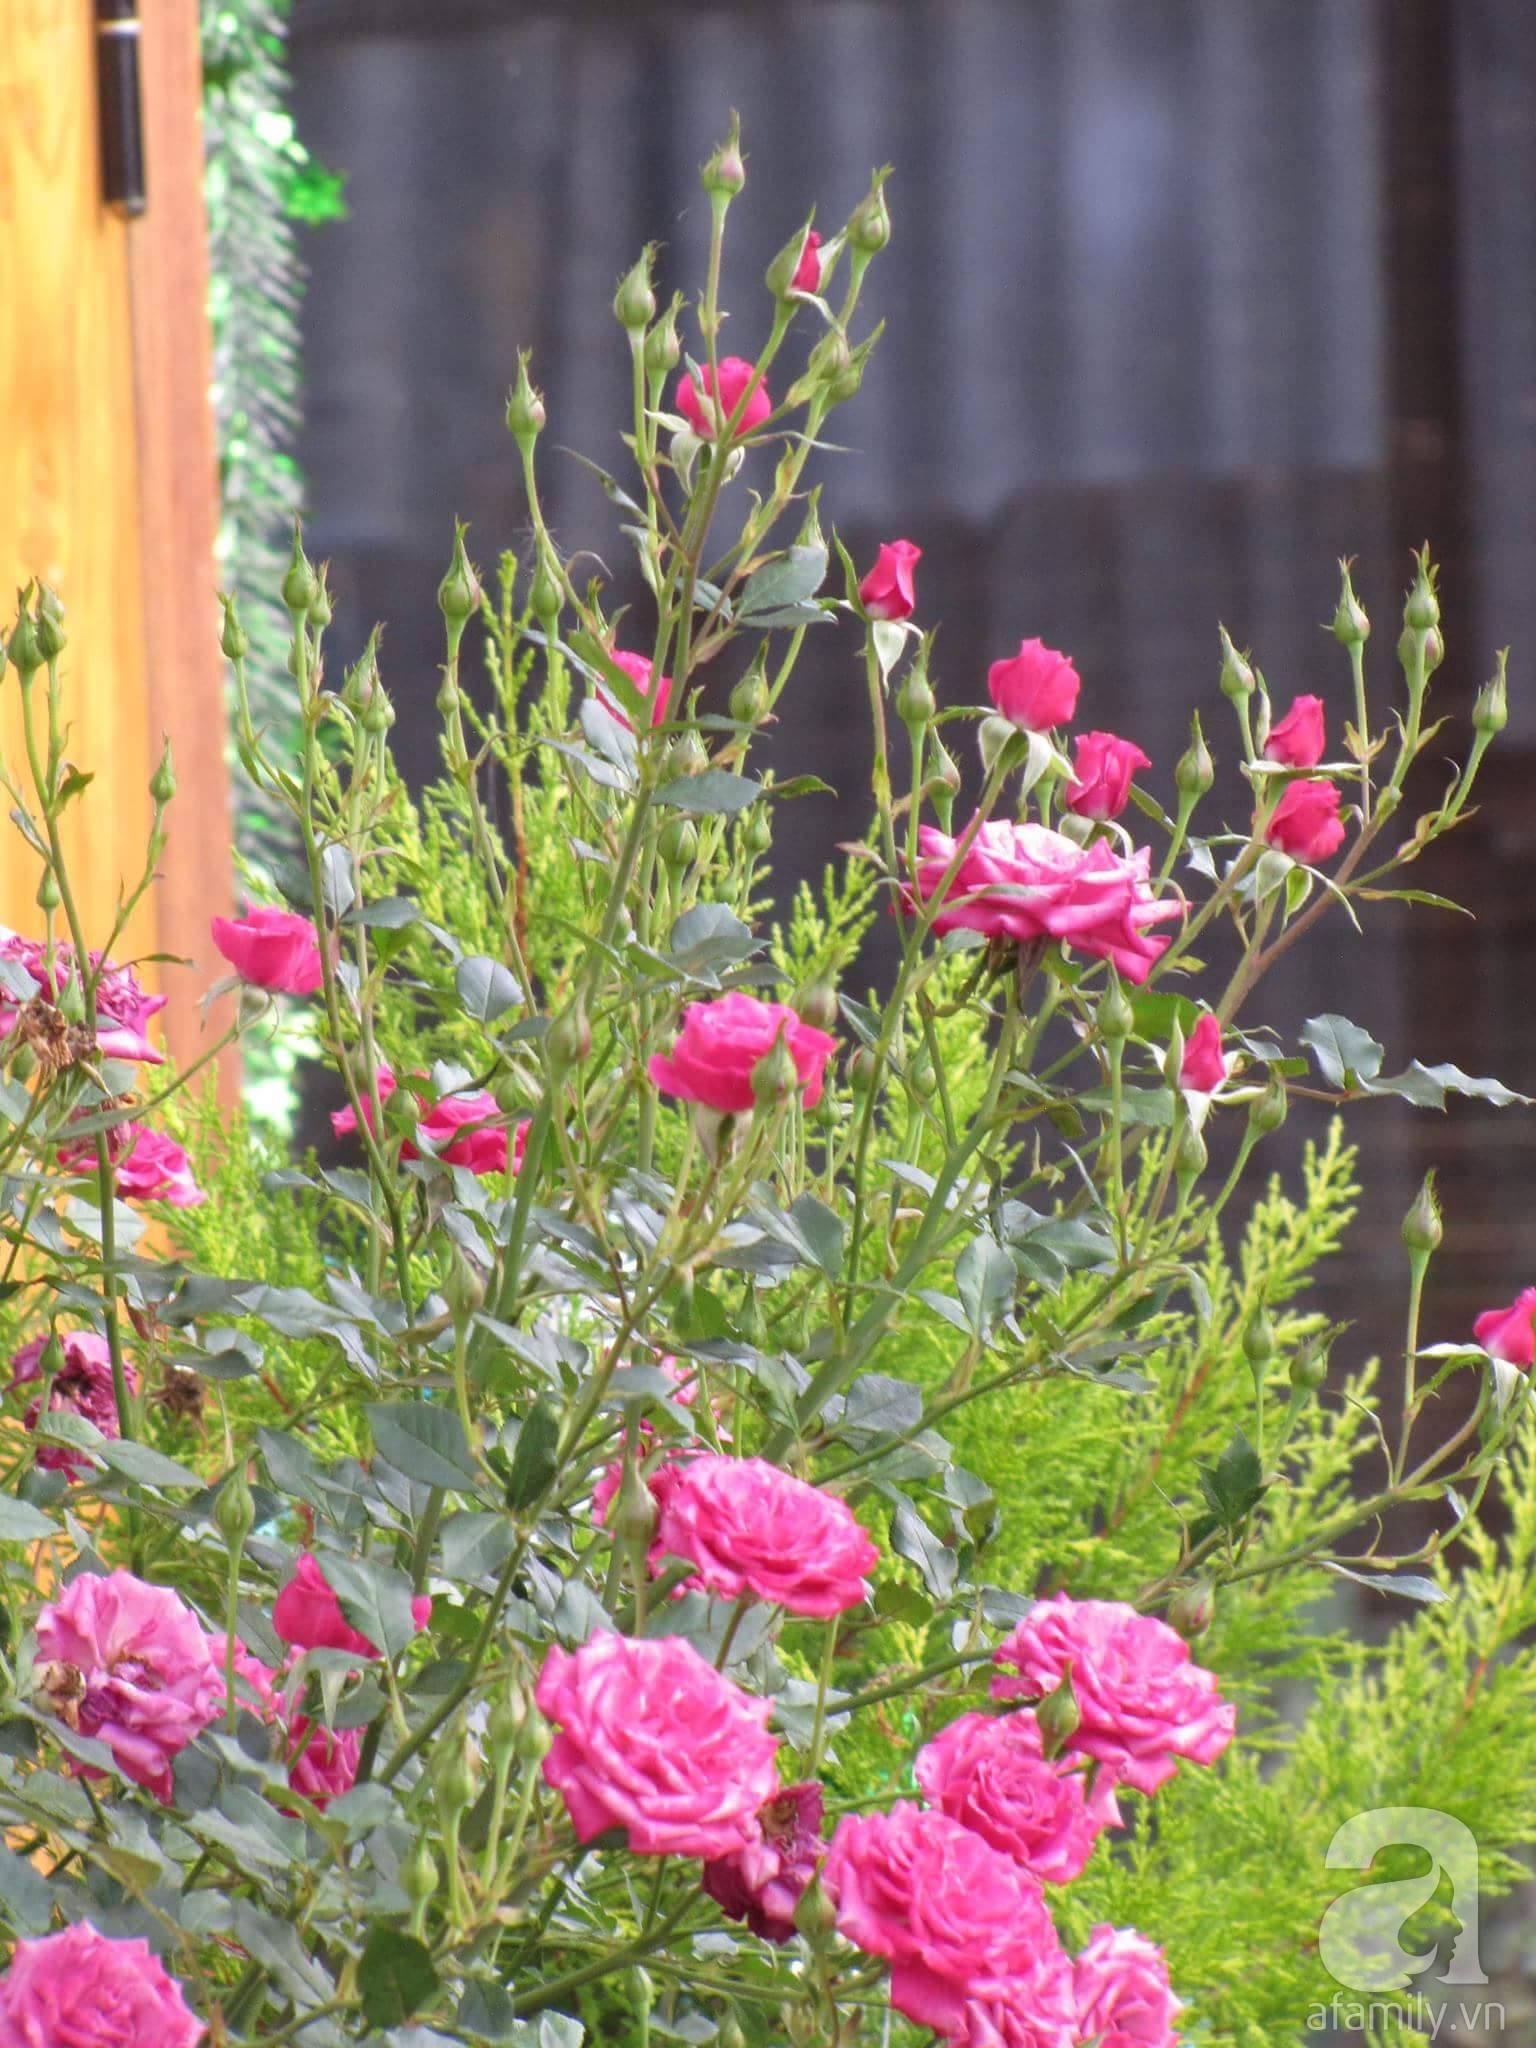 Người bố trồng cả vườn hồng đẹp như mơ để dành tặng con gái yêu ở Đà Lạt - Ảnh 9.